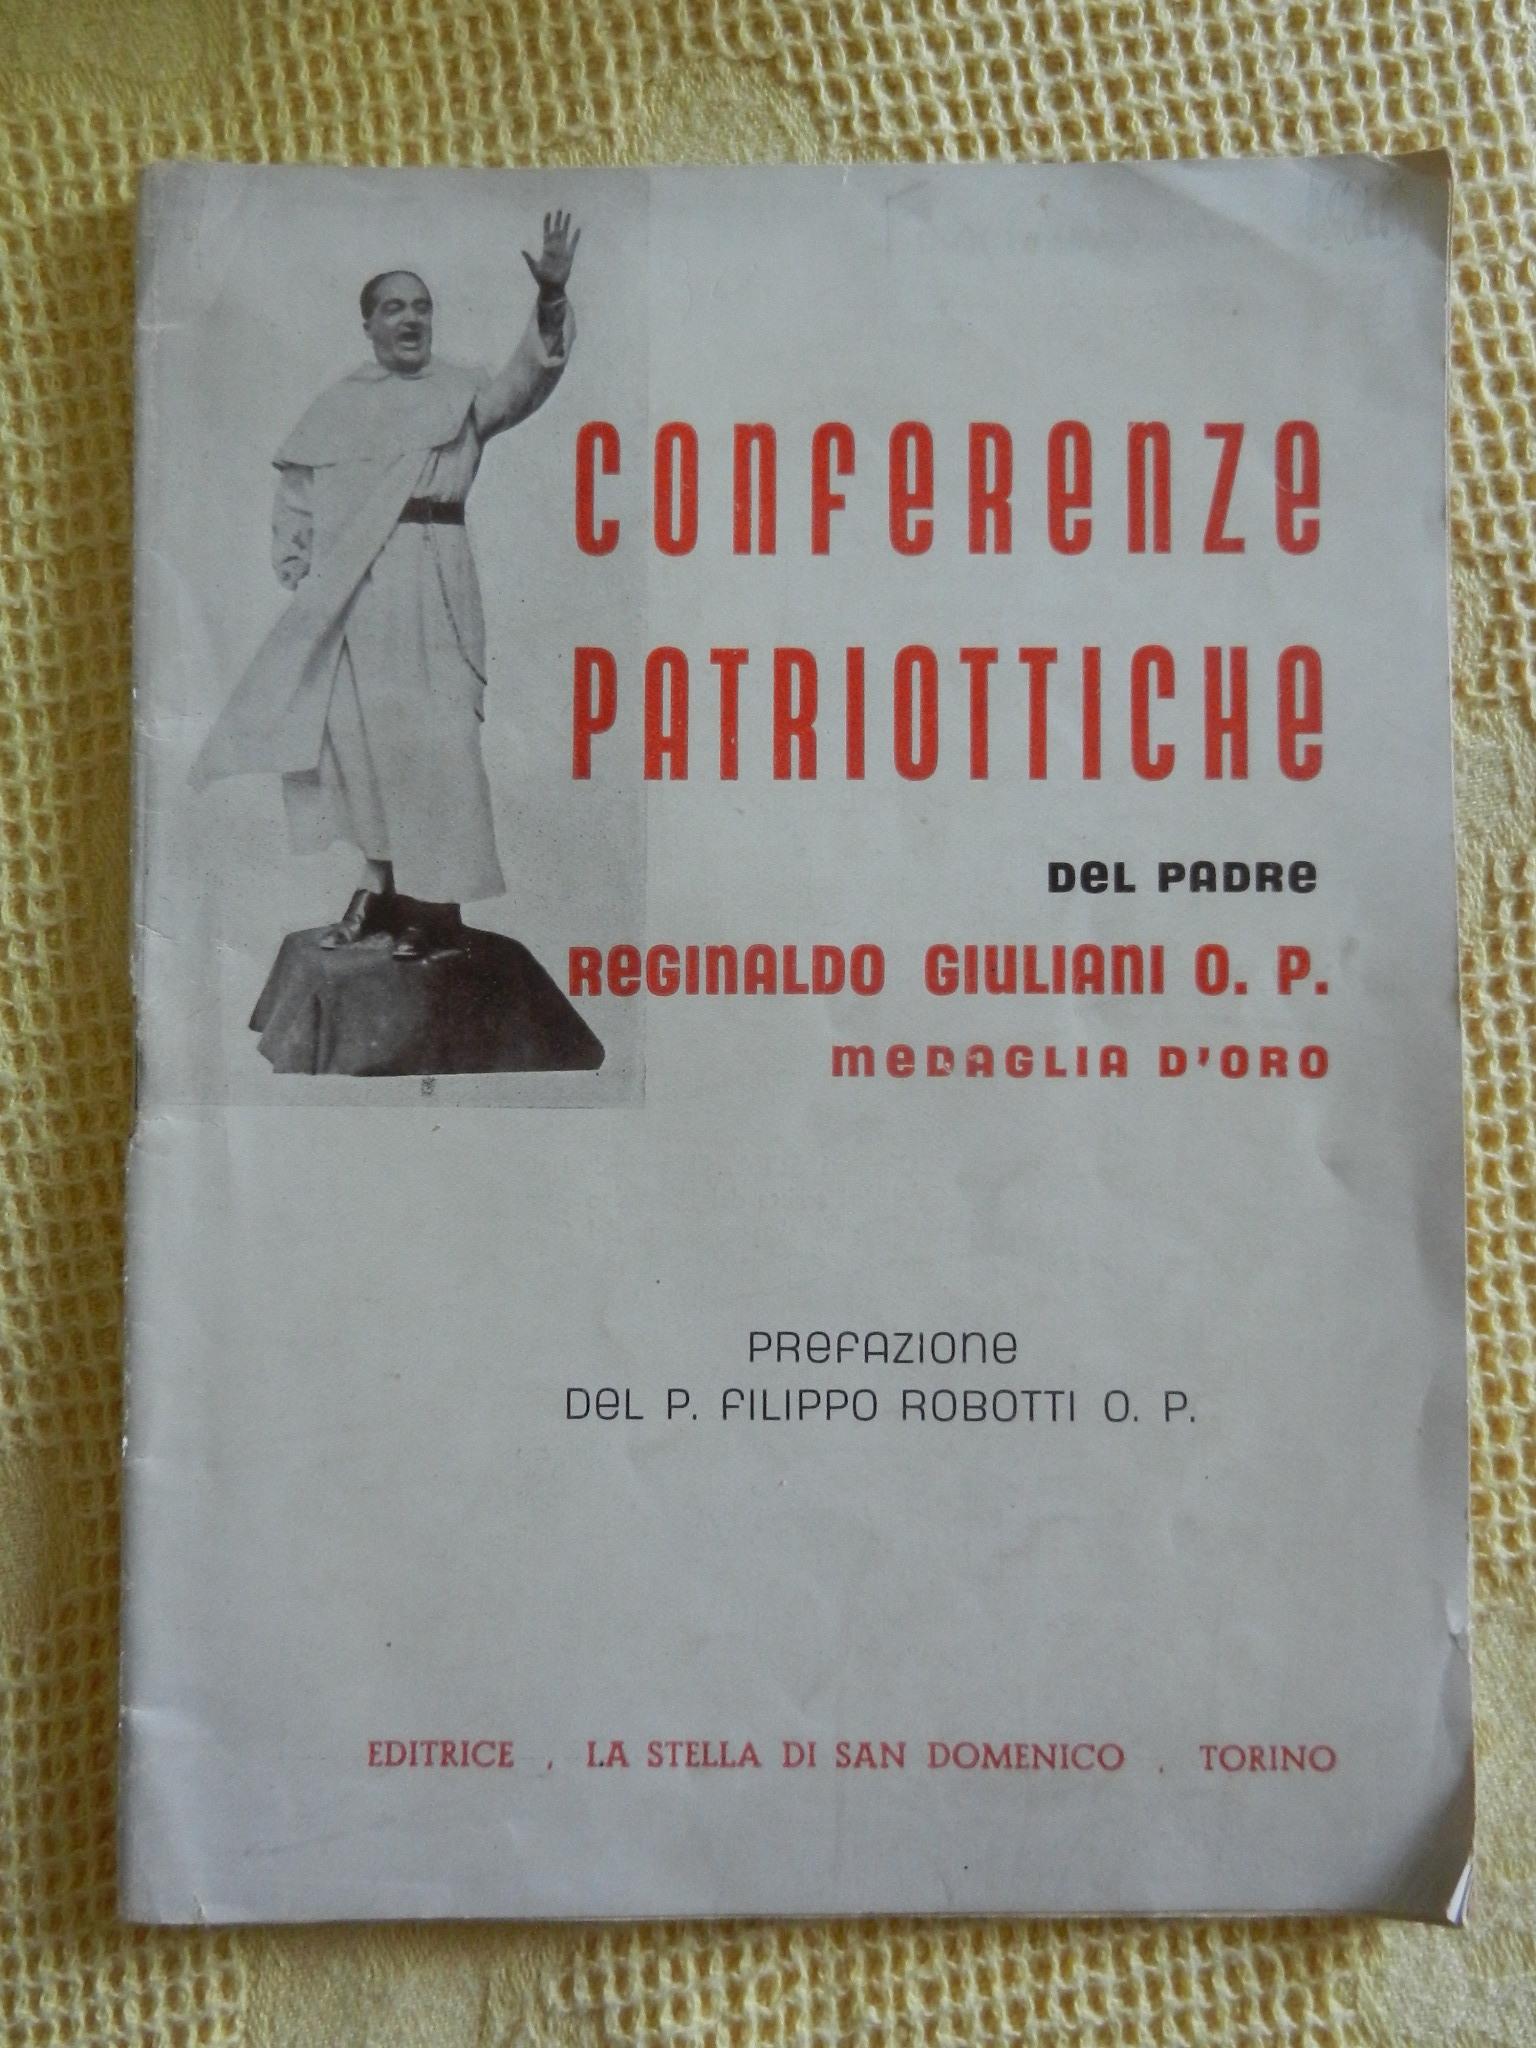 Conferenze patriottiche del P. Reginaldo Giuliani o. p. medaglia d'oro